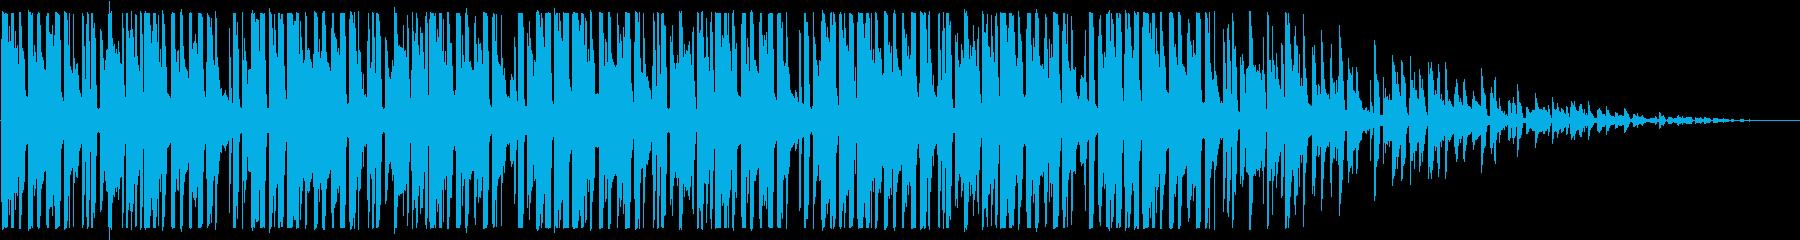 ビートの強いヒップホップ_No445_5の再生済みの波形